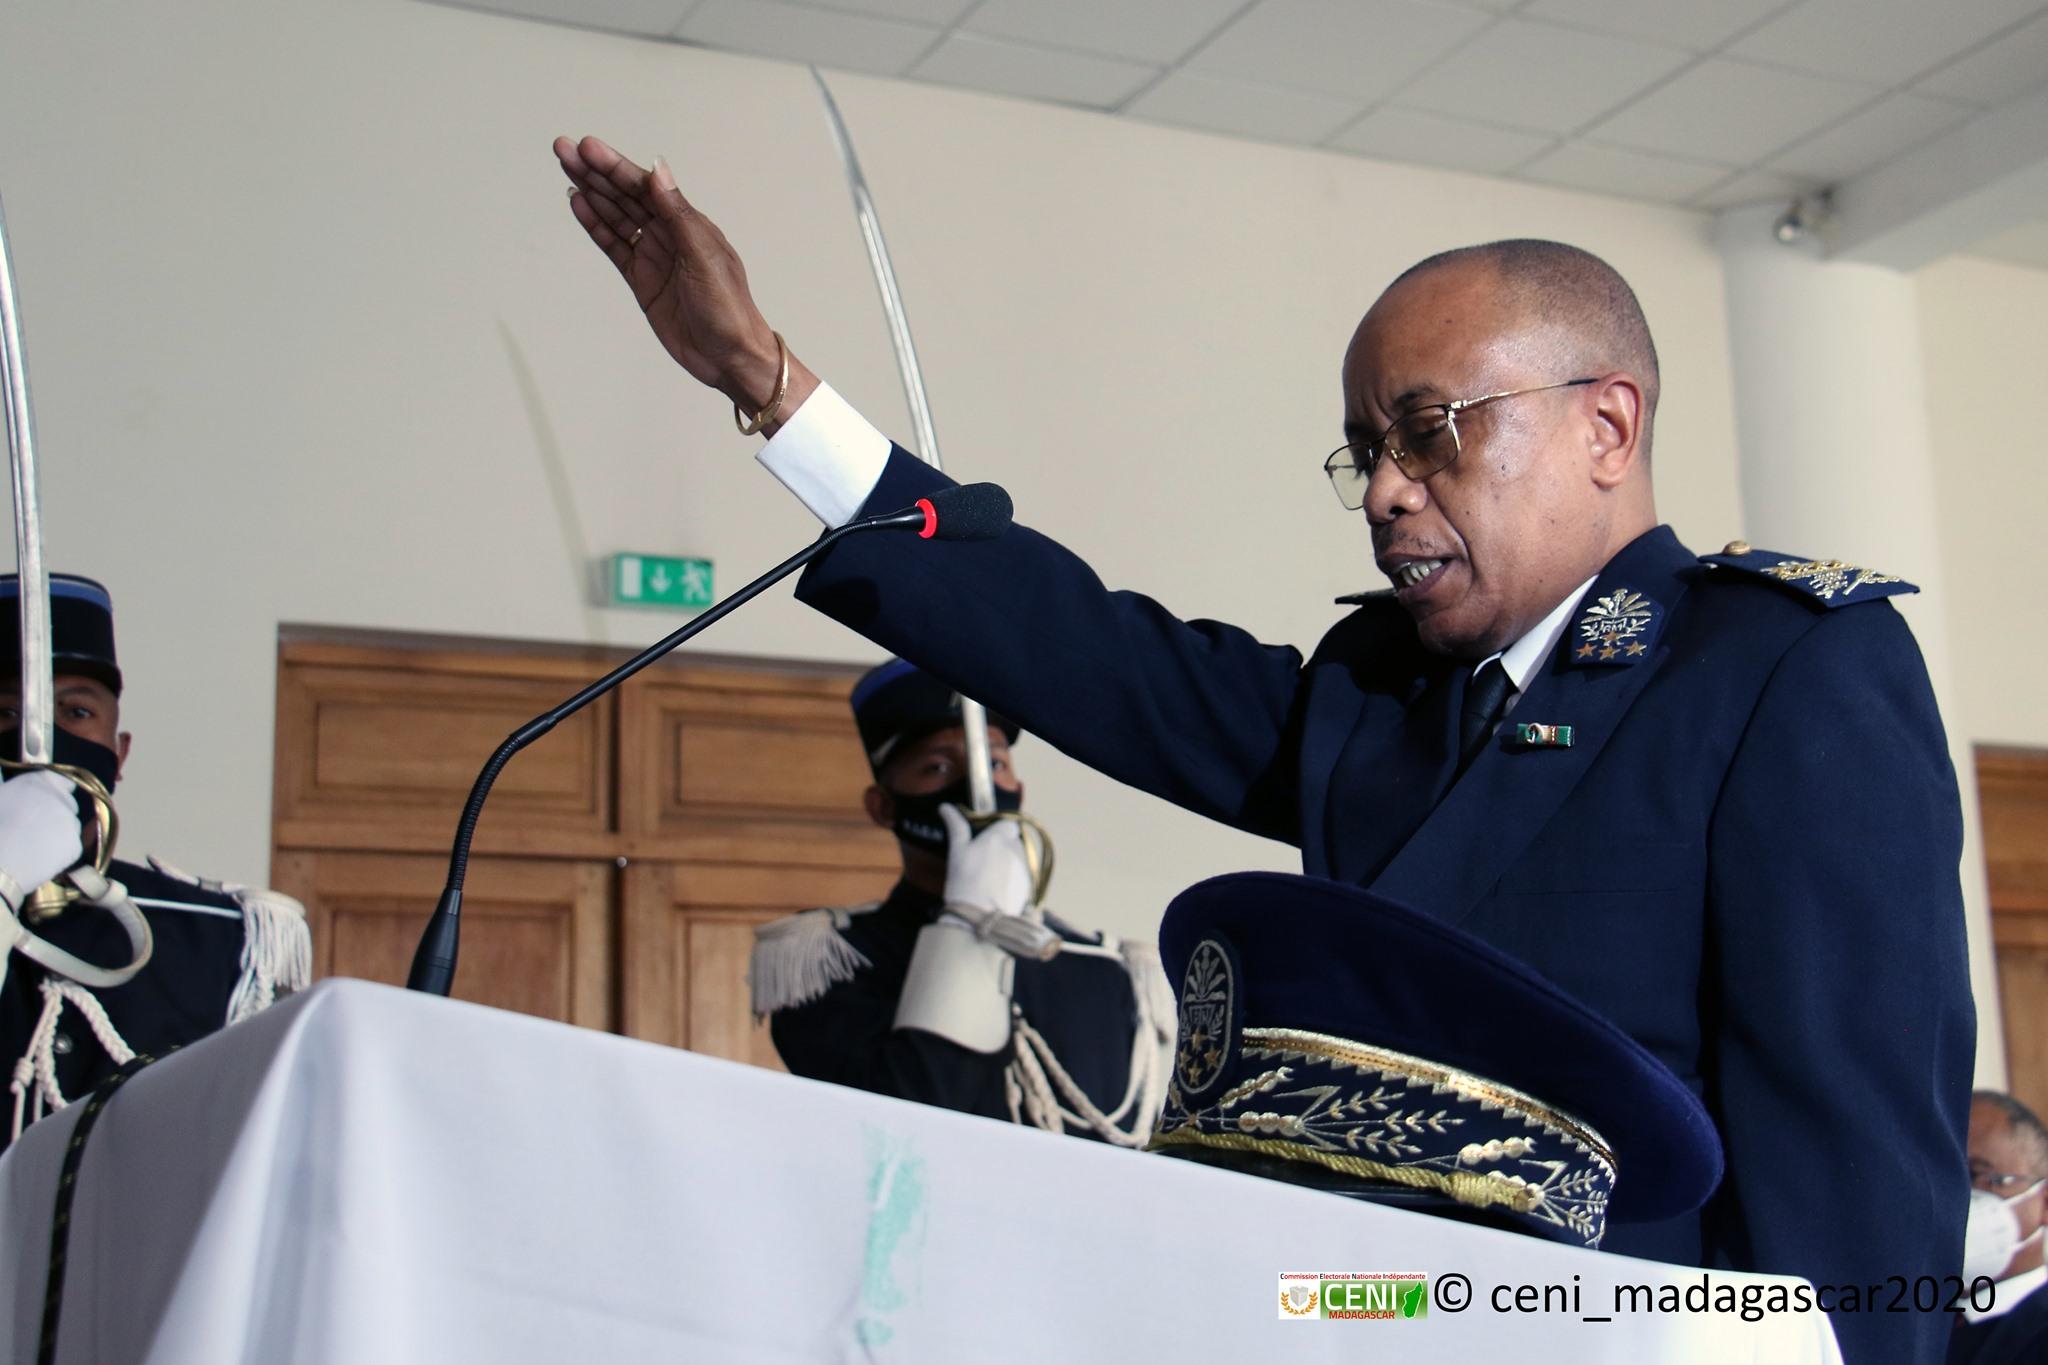 Prestation de serment du nouveau Vice-président de la CENI – Monsieur BENAIVO Andrianaly Narcisse